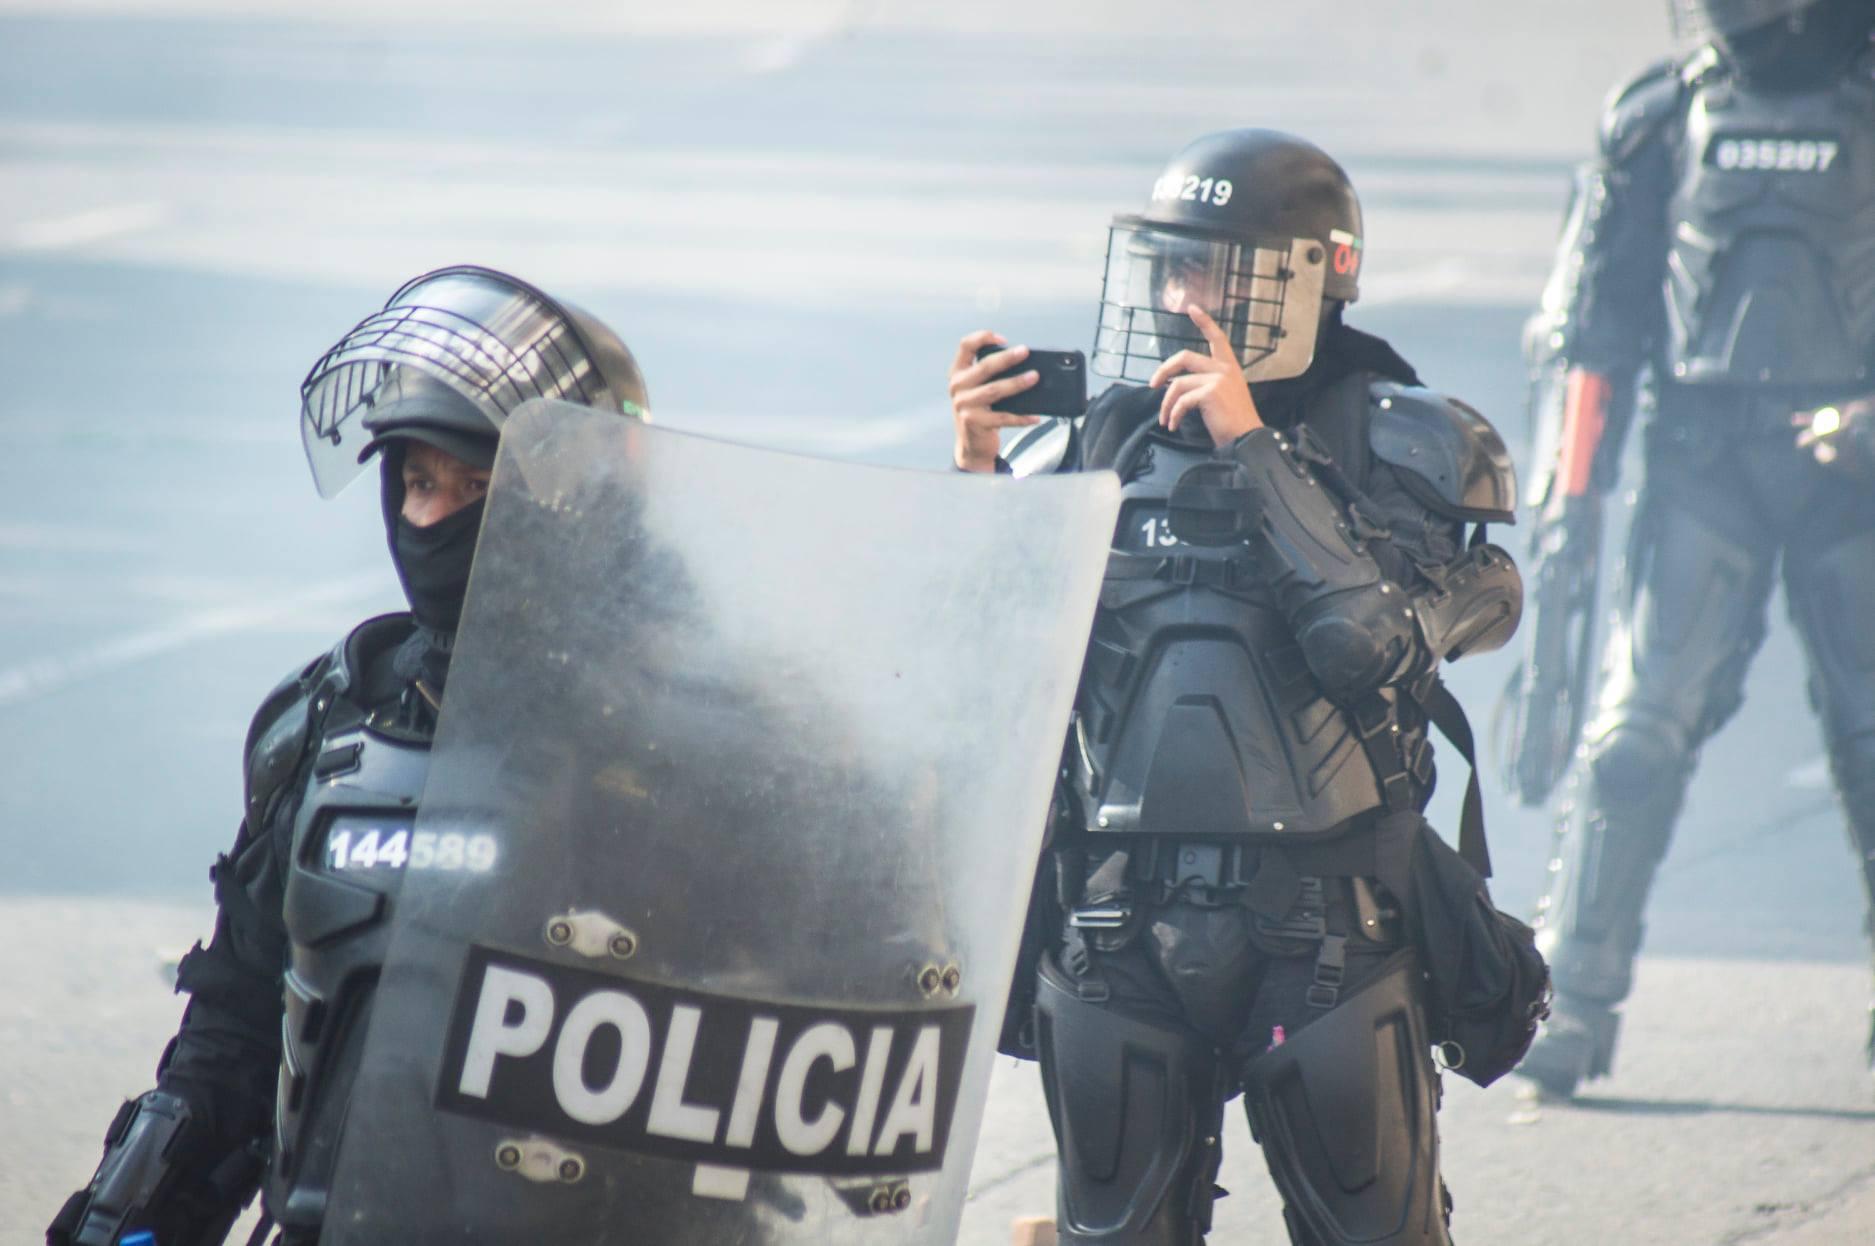 """Puede ser una imagen de 1 persona, al aire libre y texto que dice """"219 038207 144589 POLICIA"""""""